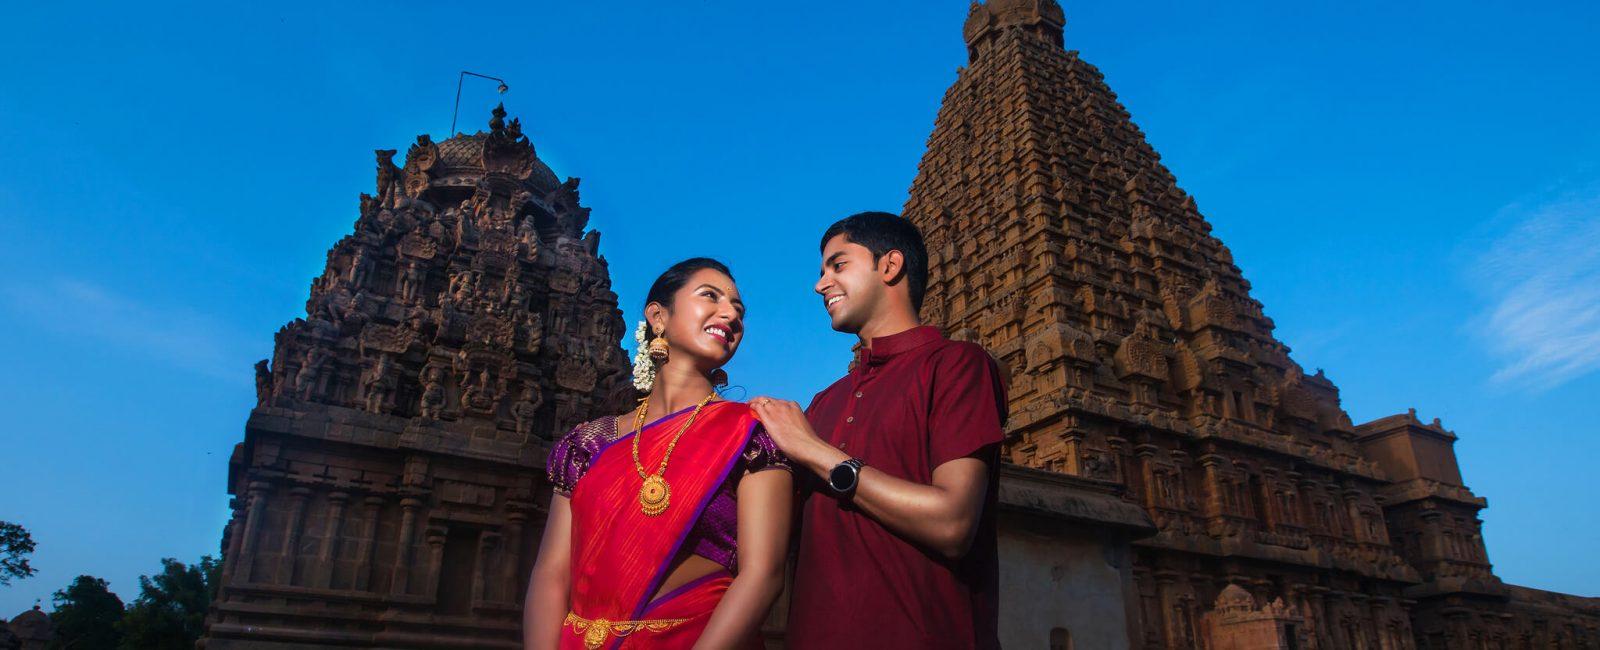 Gautam & Prathiba   Tanjore Big Temple